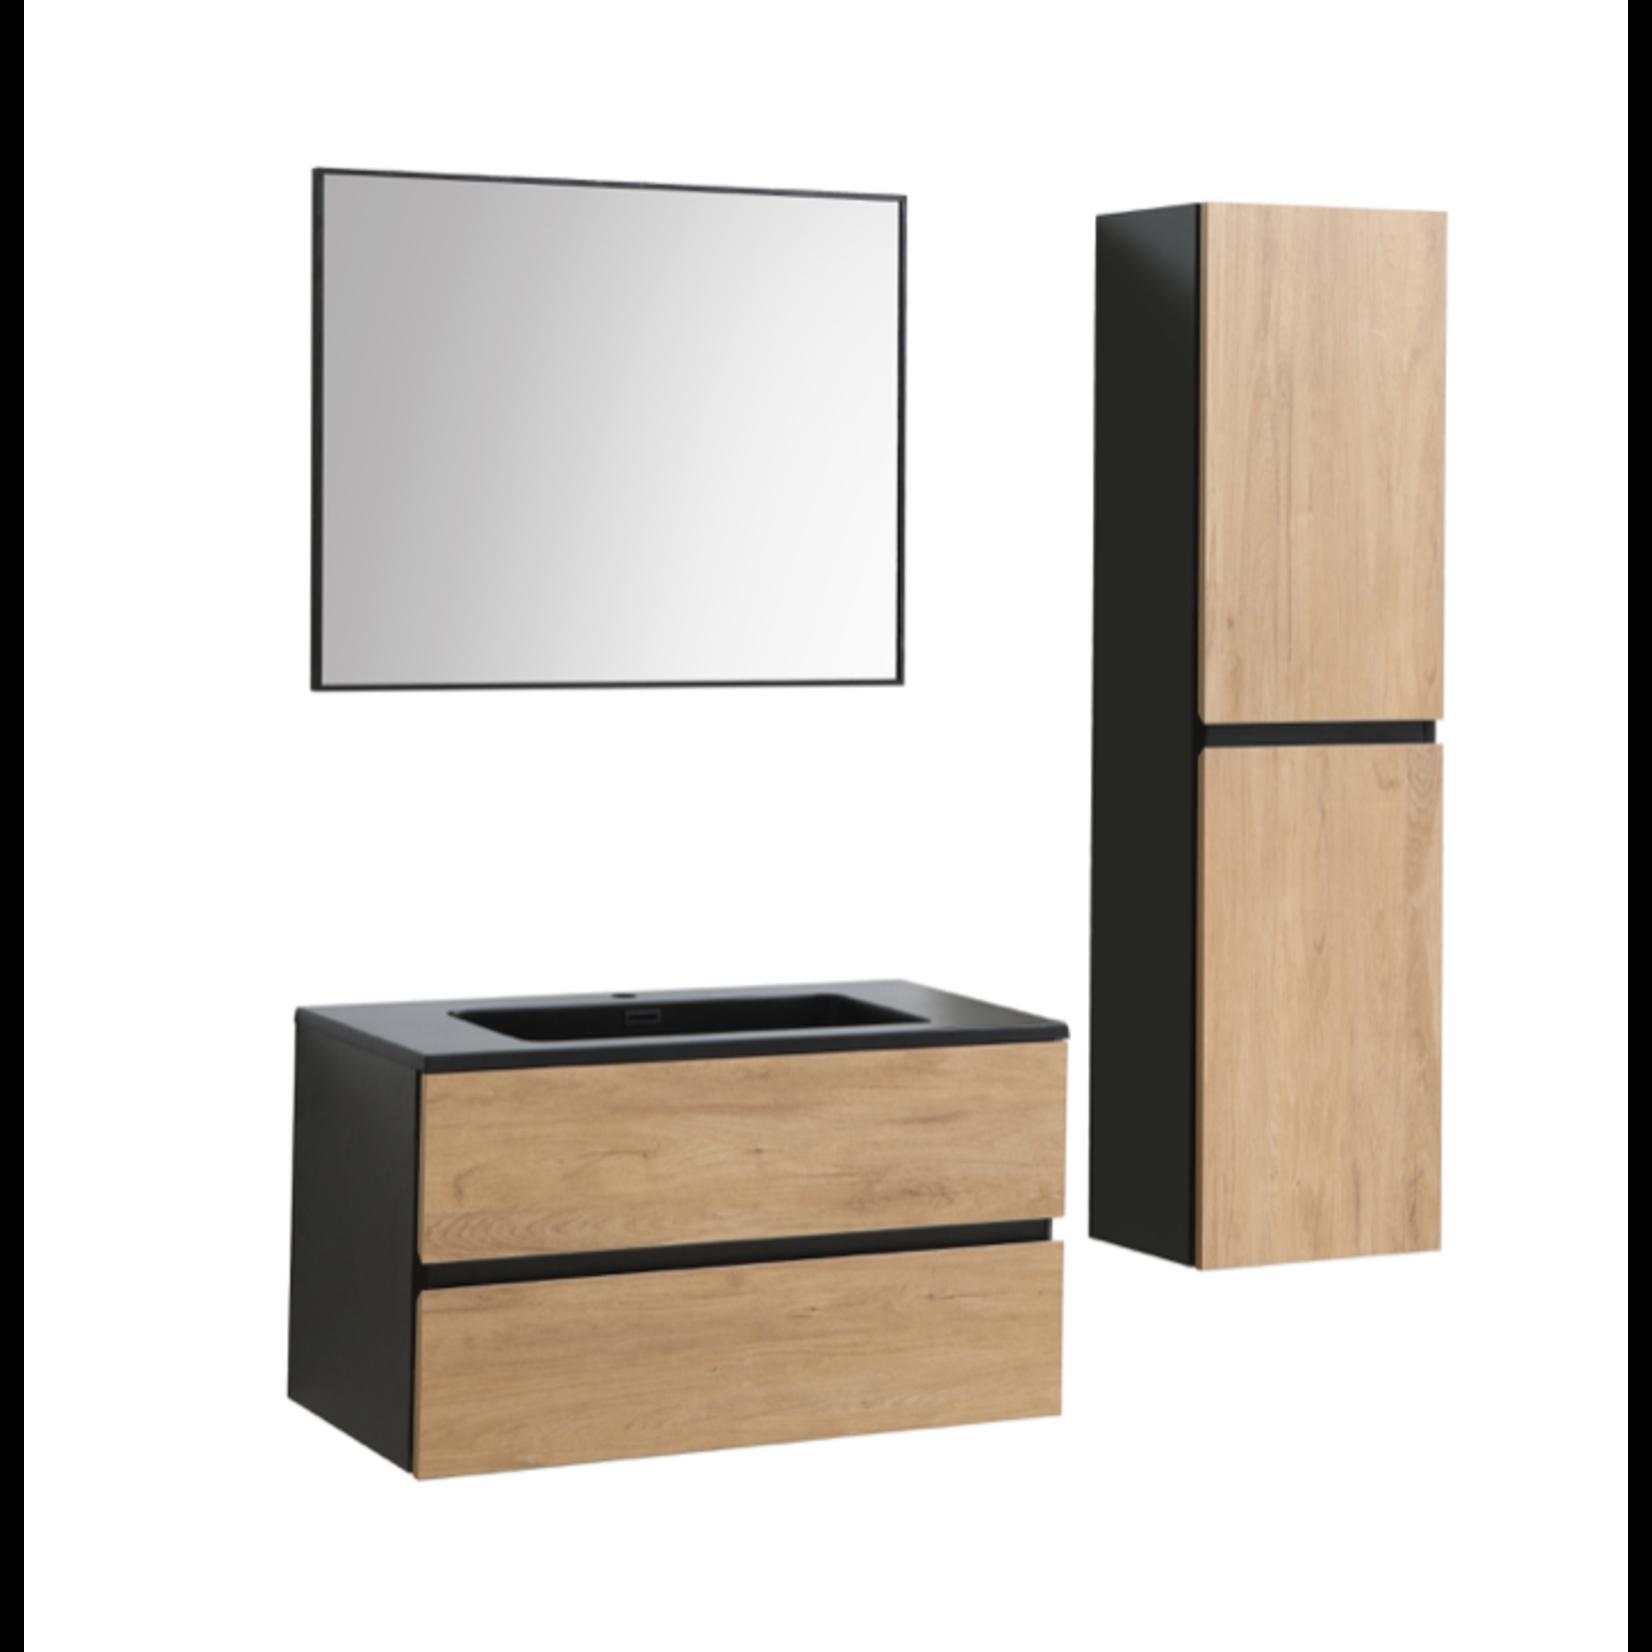 Miroir Akuaplus MIR9000 BL noir mat